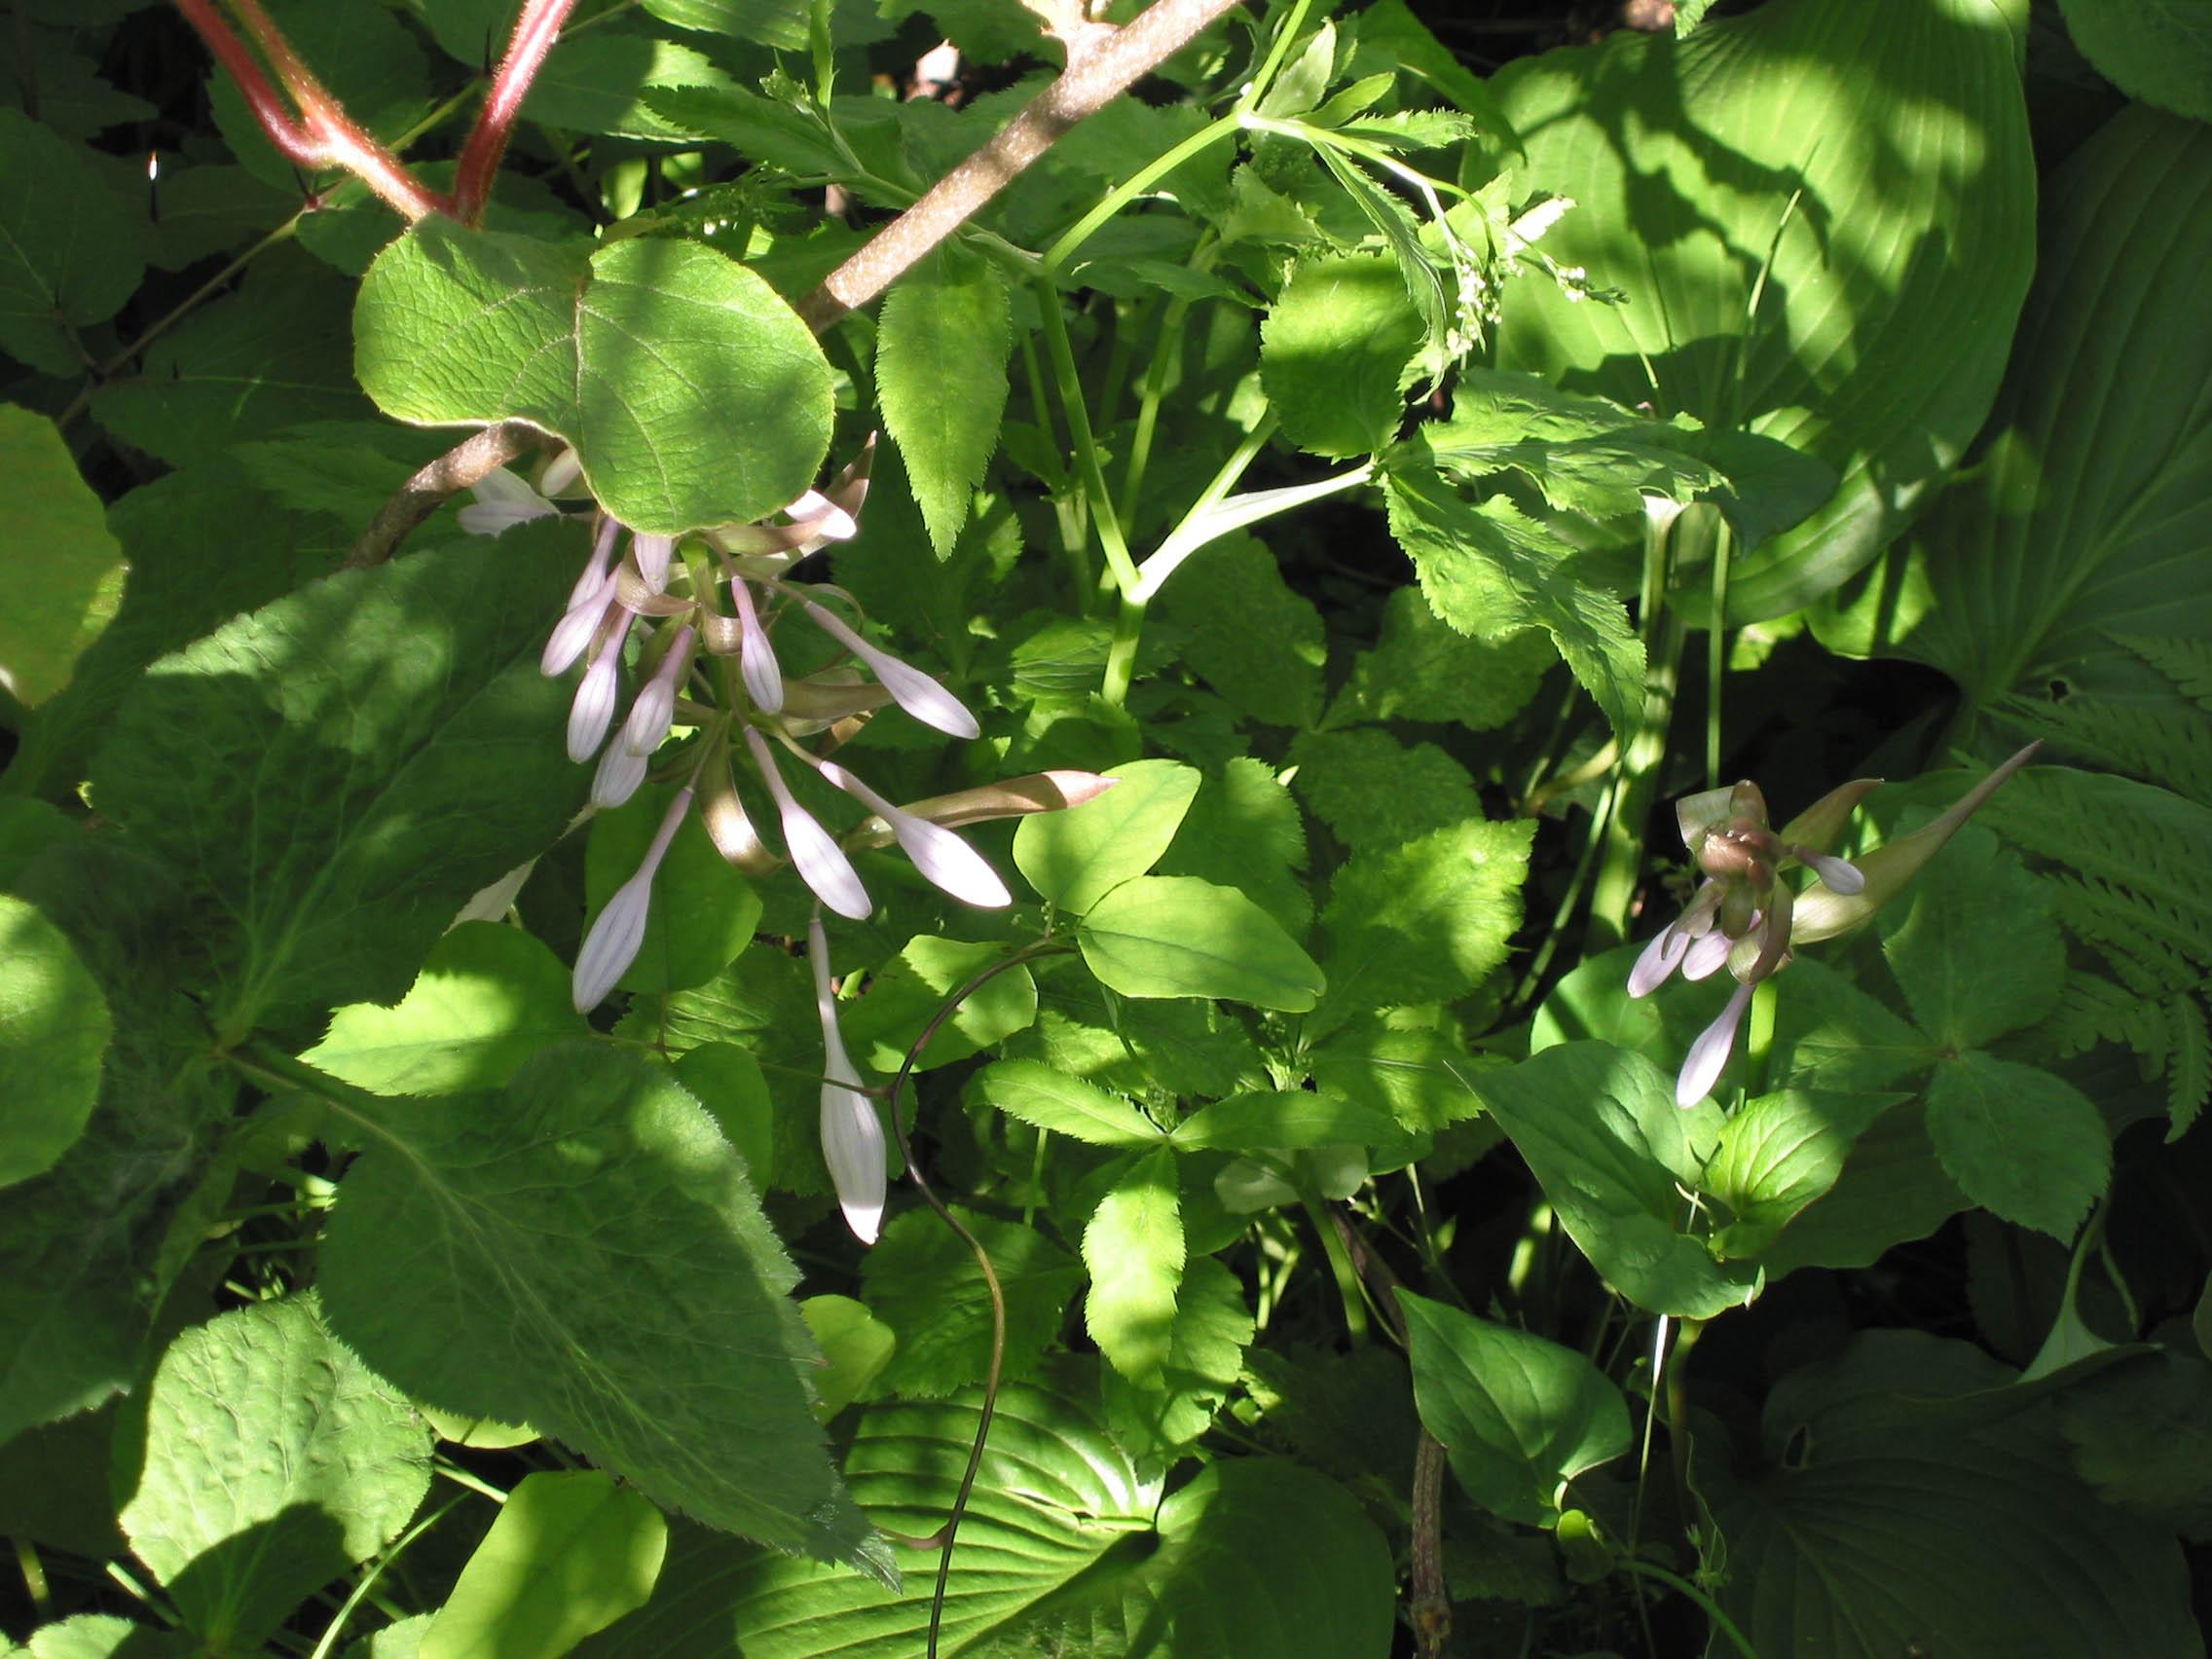 開花したオオバギボウシ Hosta montana  オオバギボウシの花 Hosta monta